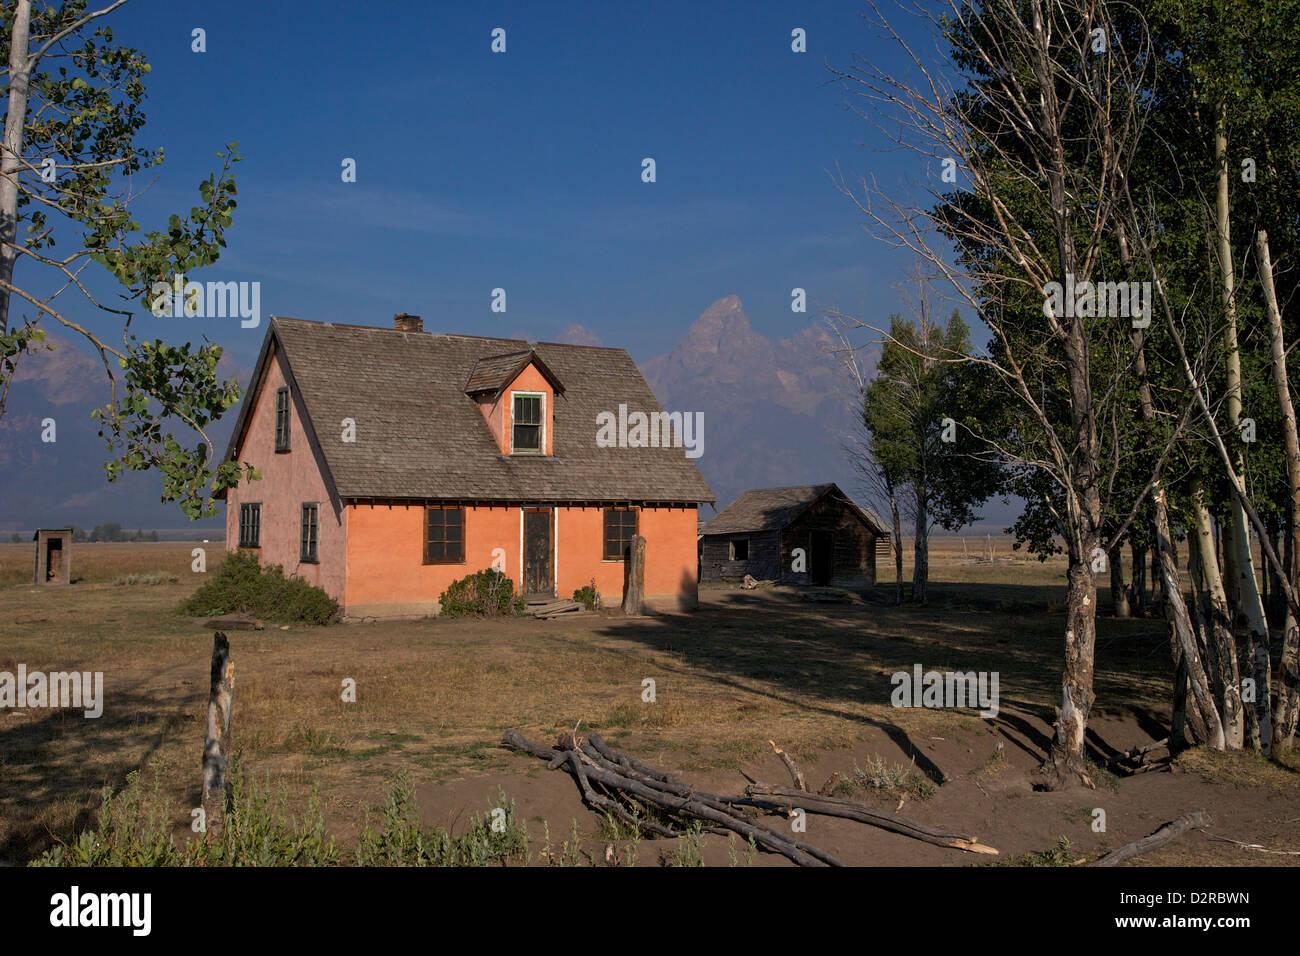 John und Bartha Moulton Homestead, Mormonen Reihe historisches Viertel, Grand-Teton-Nationalpark, Wyoming, USA Stockbild